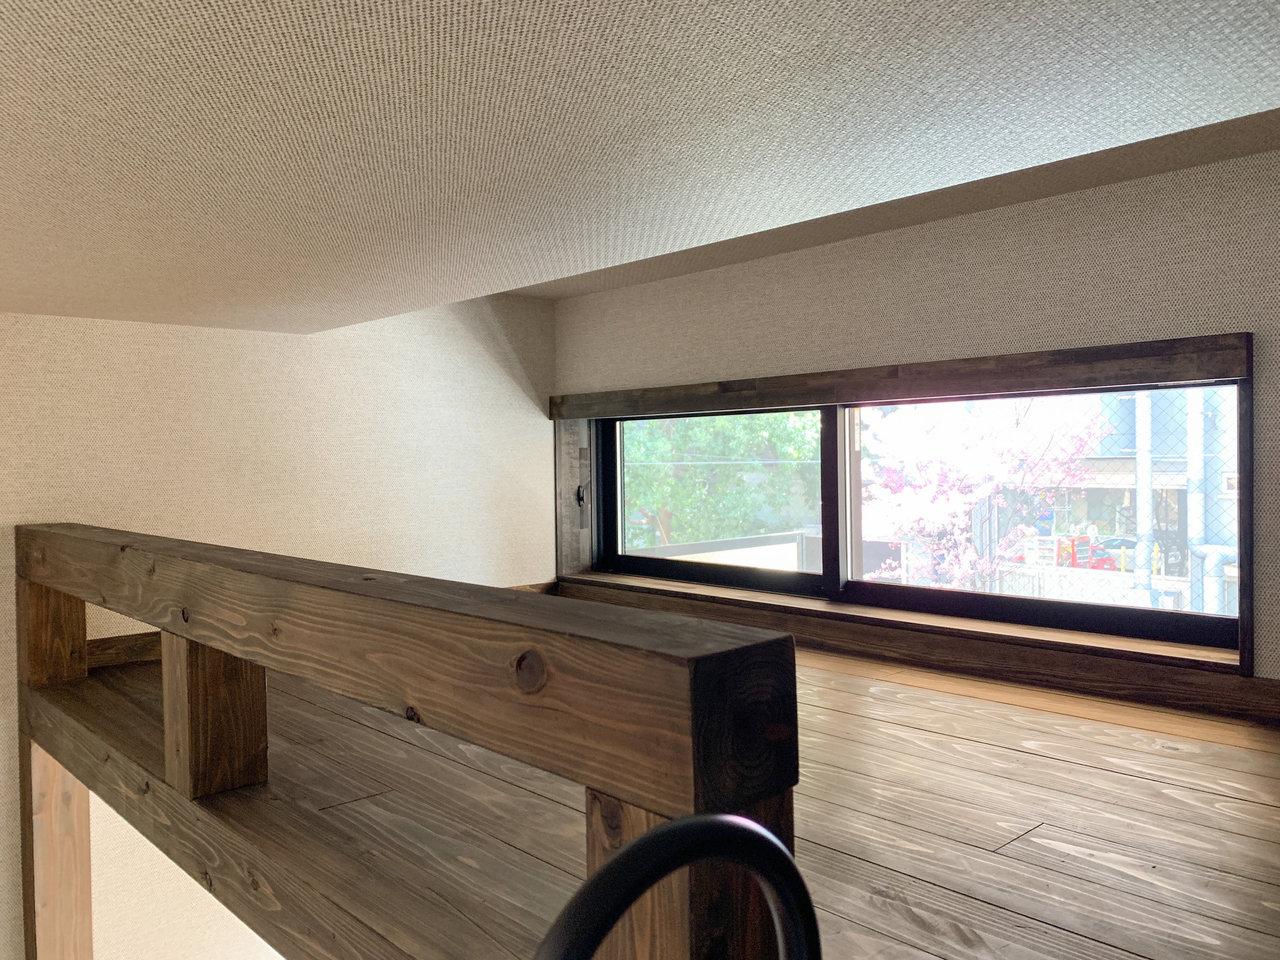 ロフト部分は寝室に。高さは少し低め。窓があるので換気も十分できそうです。